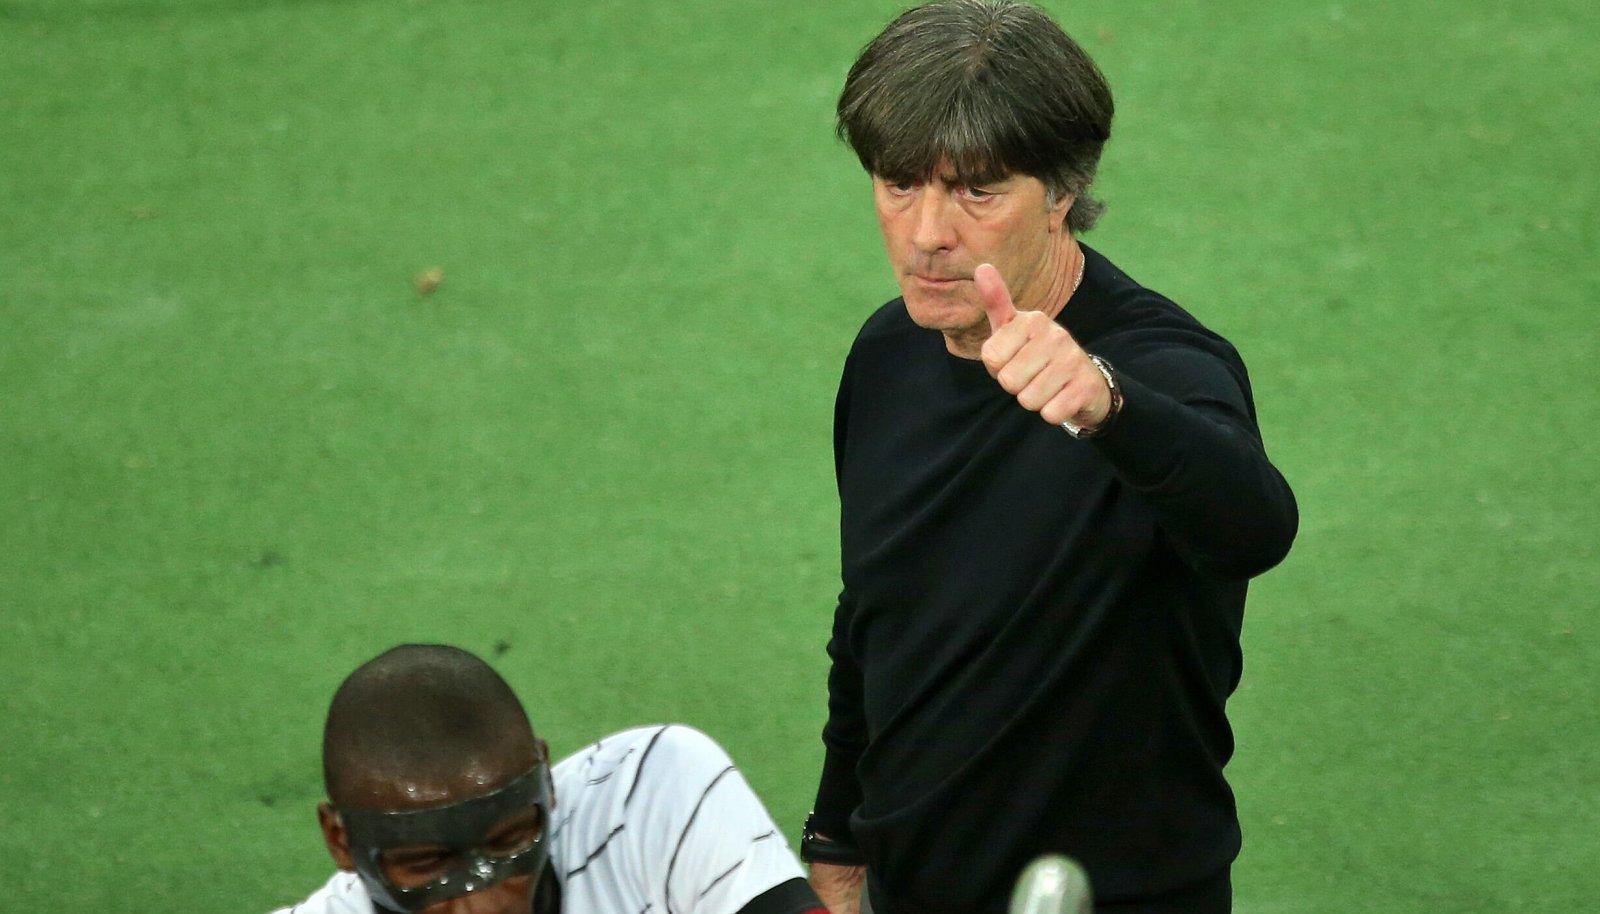 Antonio Rüdiger ja teised Saksamaa koondislased peavad nüüd kõvasti pingutama.